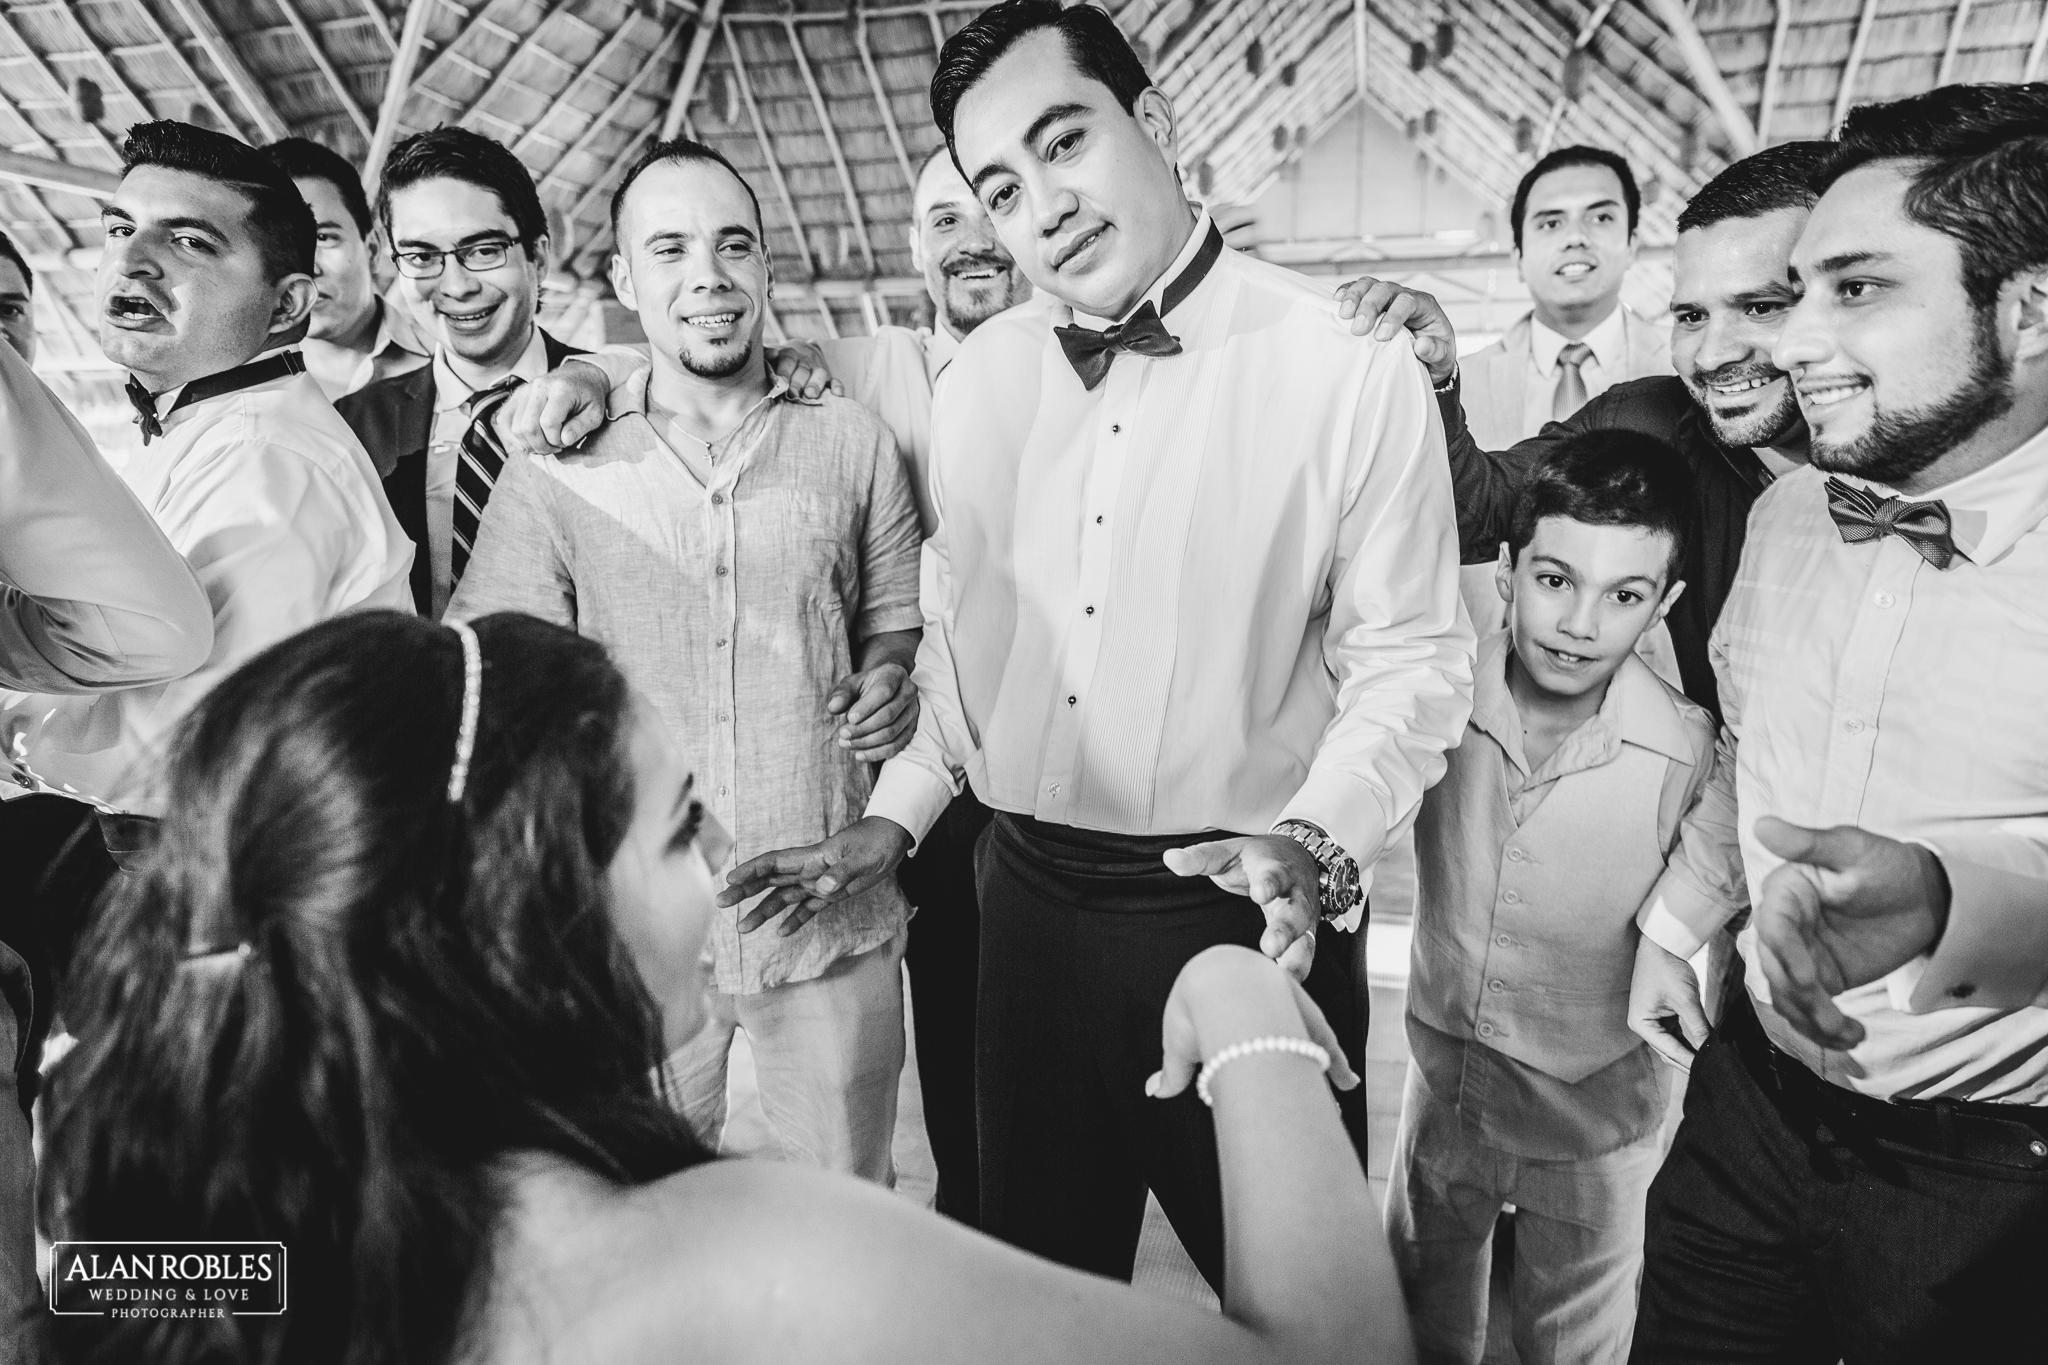 Wedding Moments. Fotografia documental de bodas. El novio y la liga en Hacienda Los Pozos. Alan Robles, El mejor fotografo de Bodas en Guadalajara.